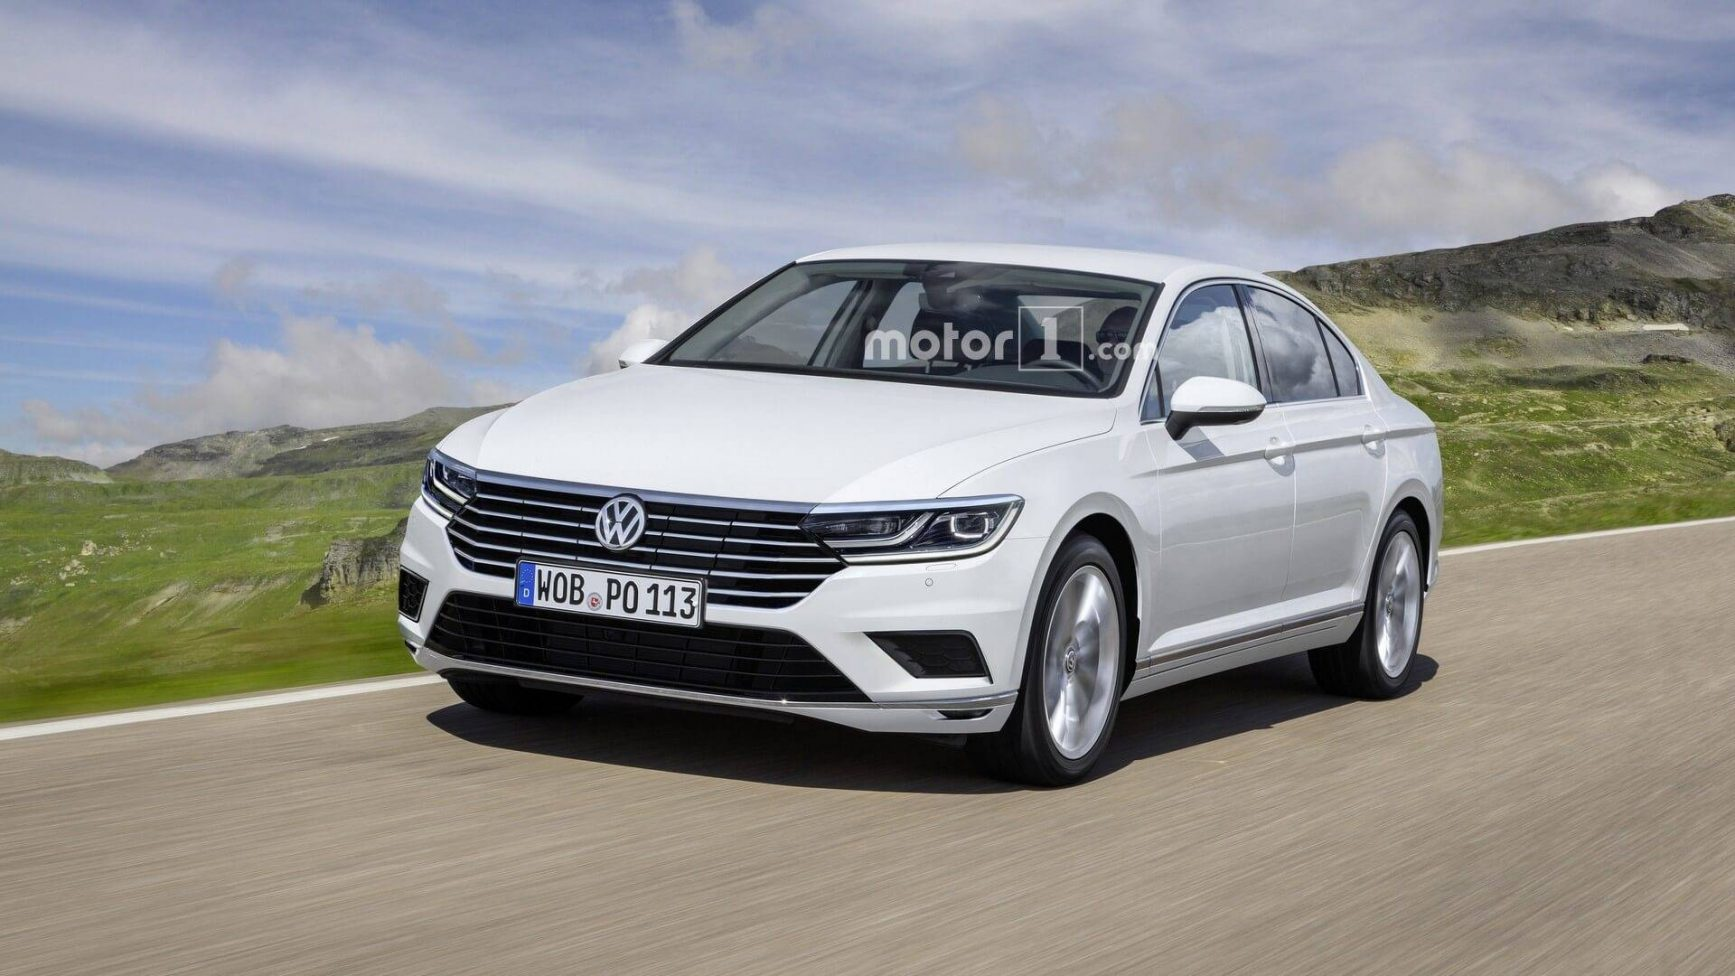 2019 Volkswagen Passat Tail Light High Resolution Wallpaper New 1735x976